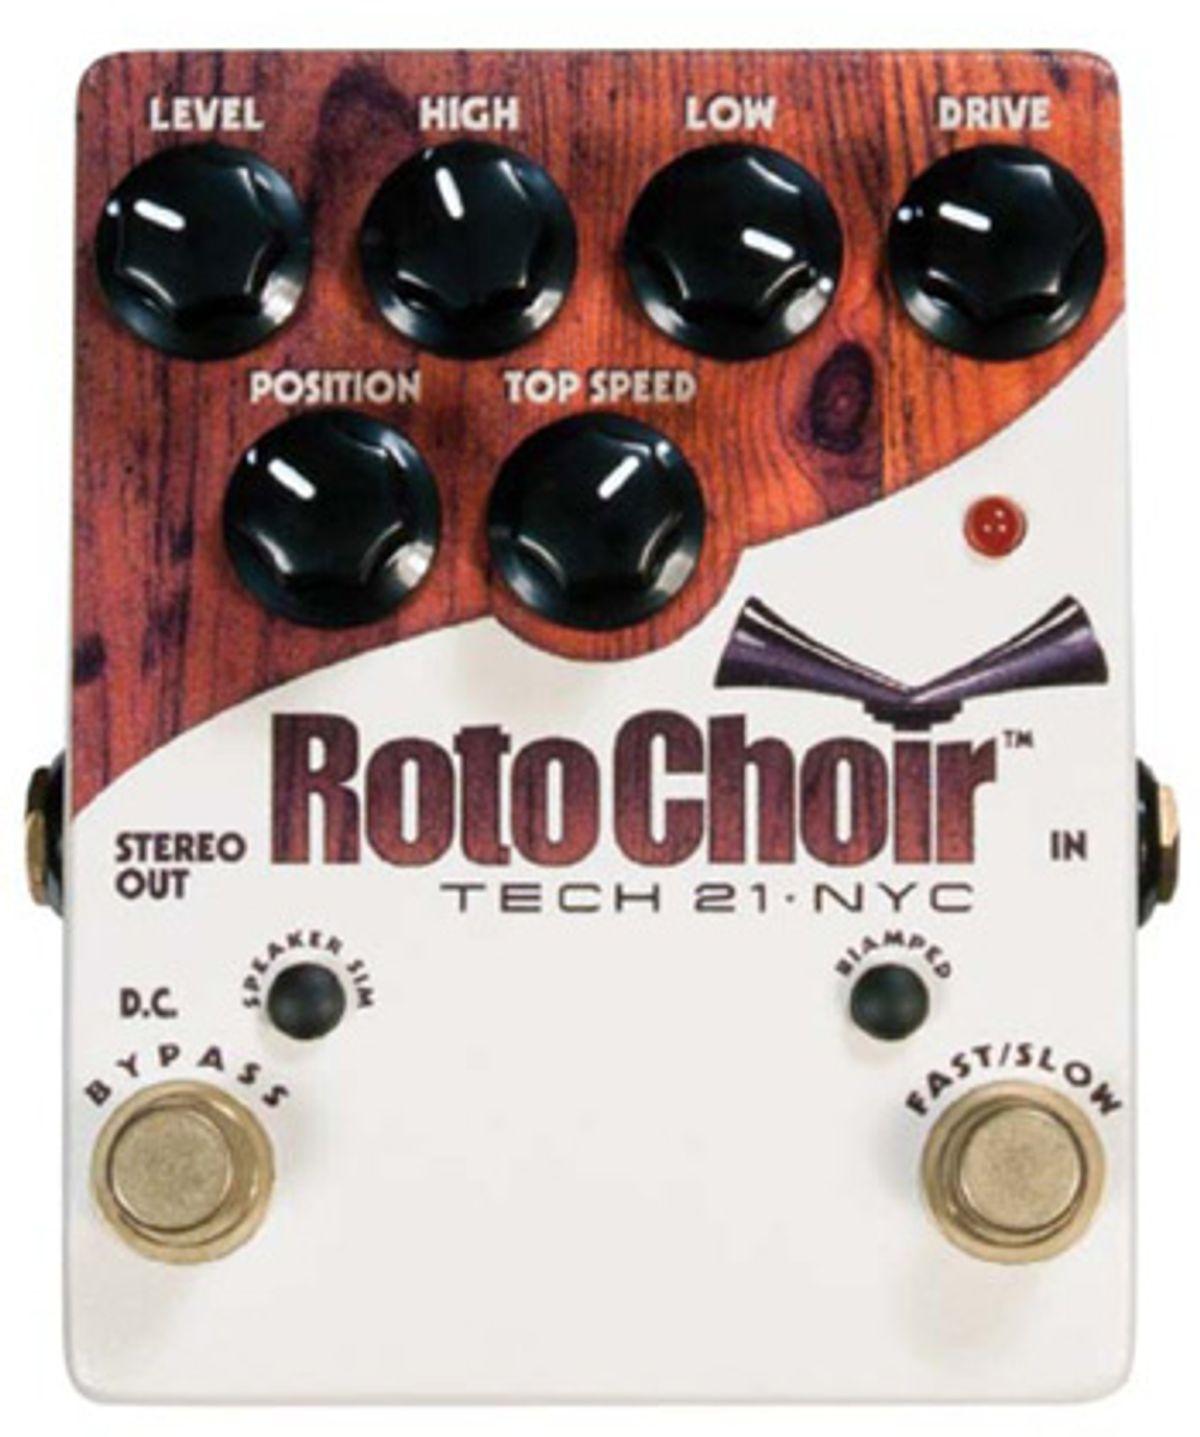 Tech 21 Roto Choir Pedal Review